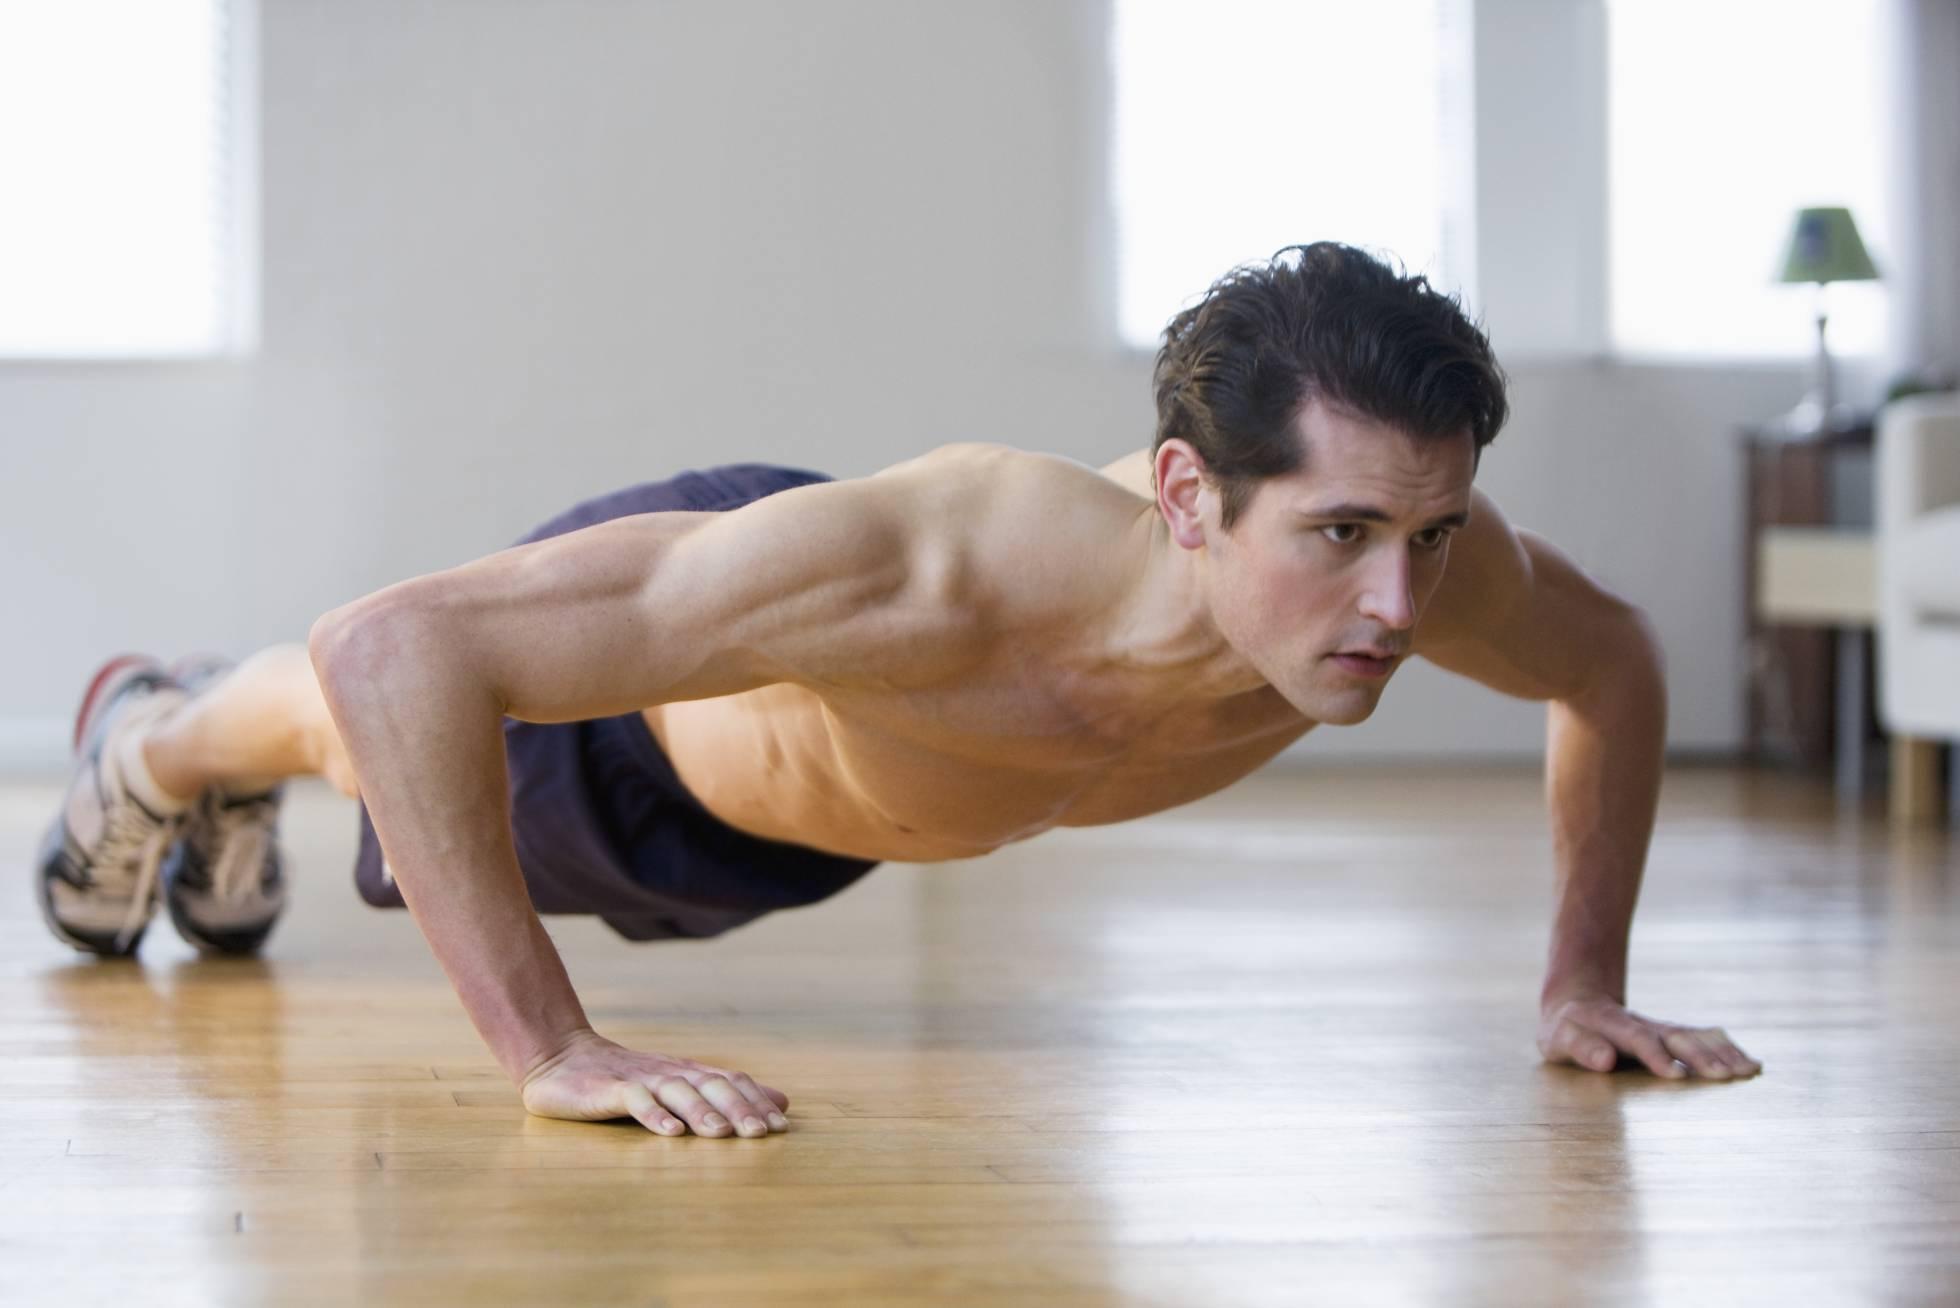 La guía para quienes no tienen tiempo ni ganas de hacer ejercicio